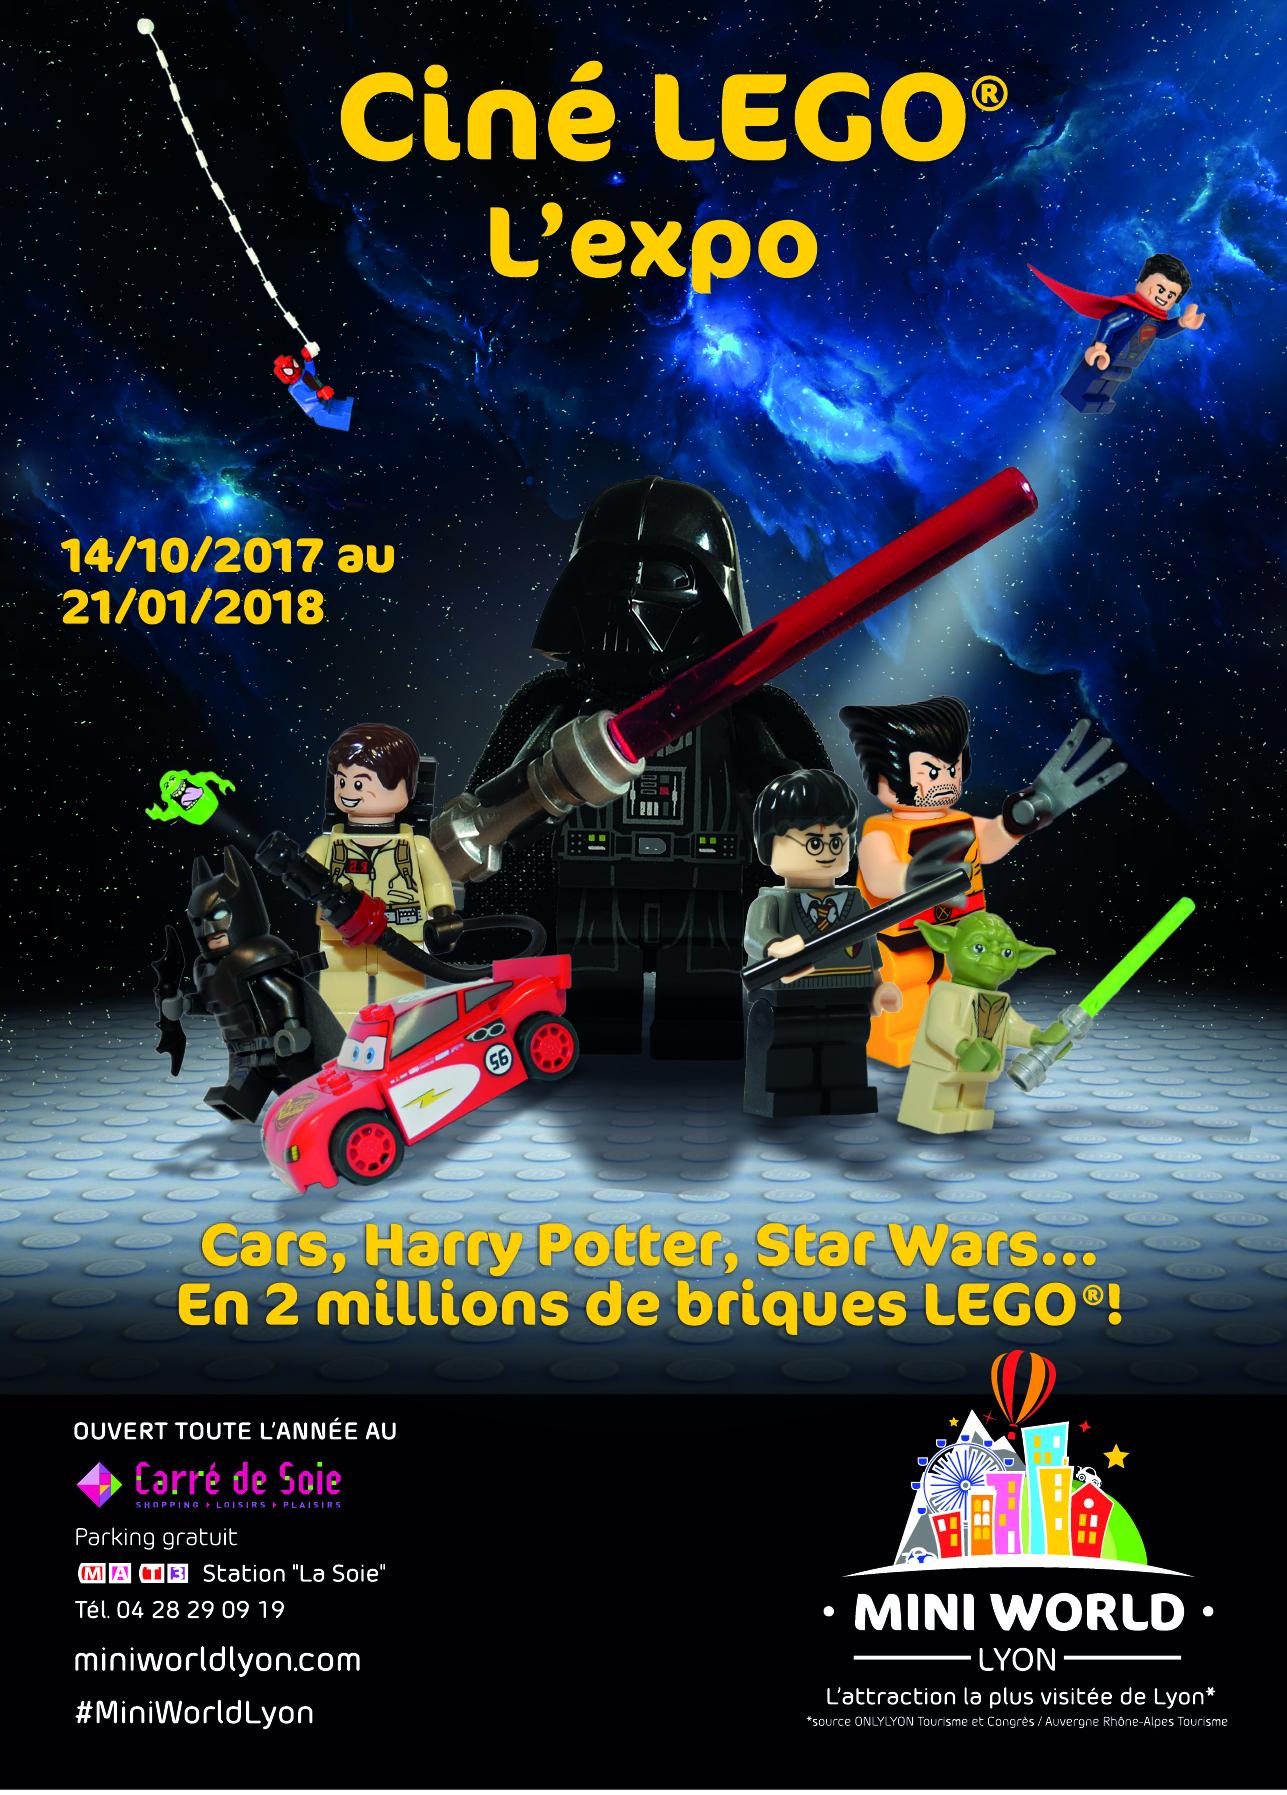 Legoreims Expo Legoreims Expositions Lego Lego Legoreims Expositions Expositions Expo 8mwN0n